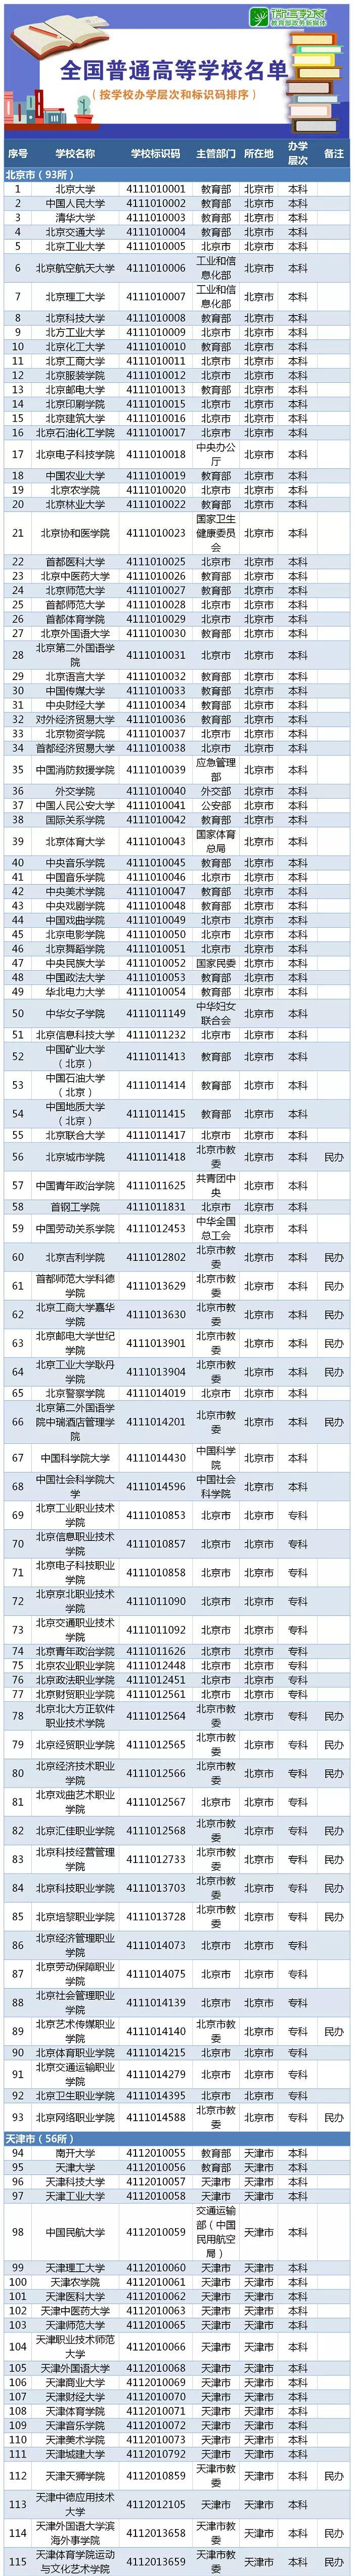 葡京网上斗牛-高考生必看!教育部最新公布2019全国高校名单 报志愿有用!